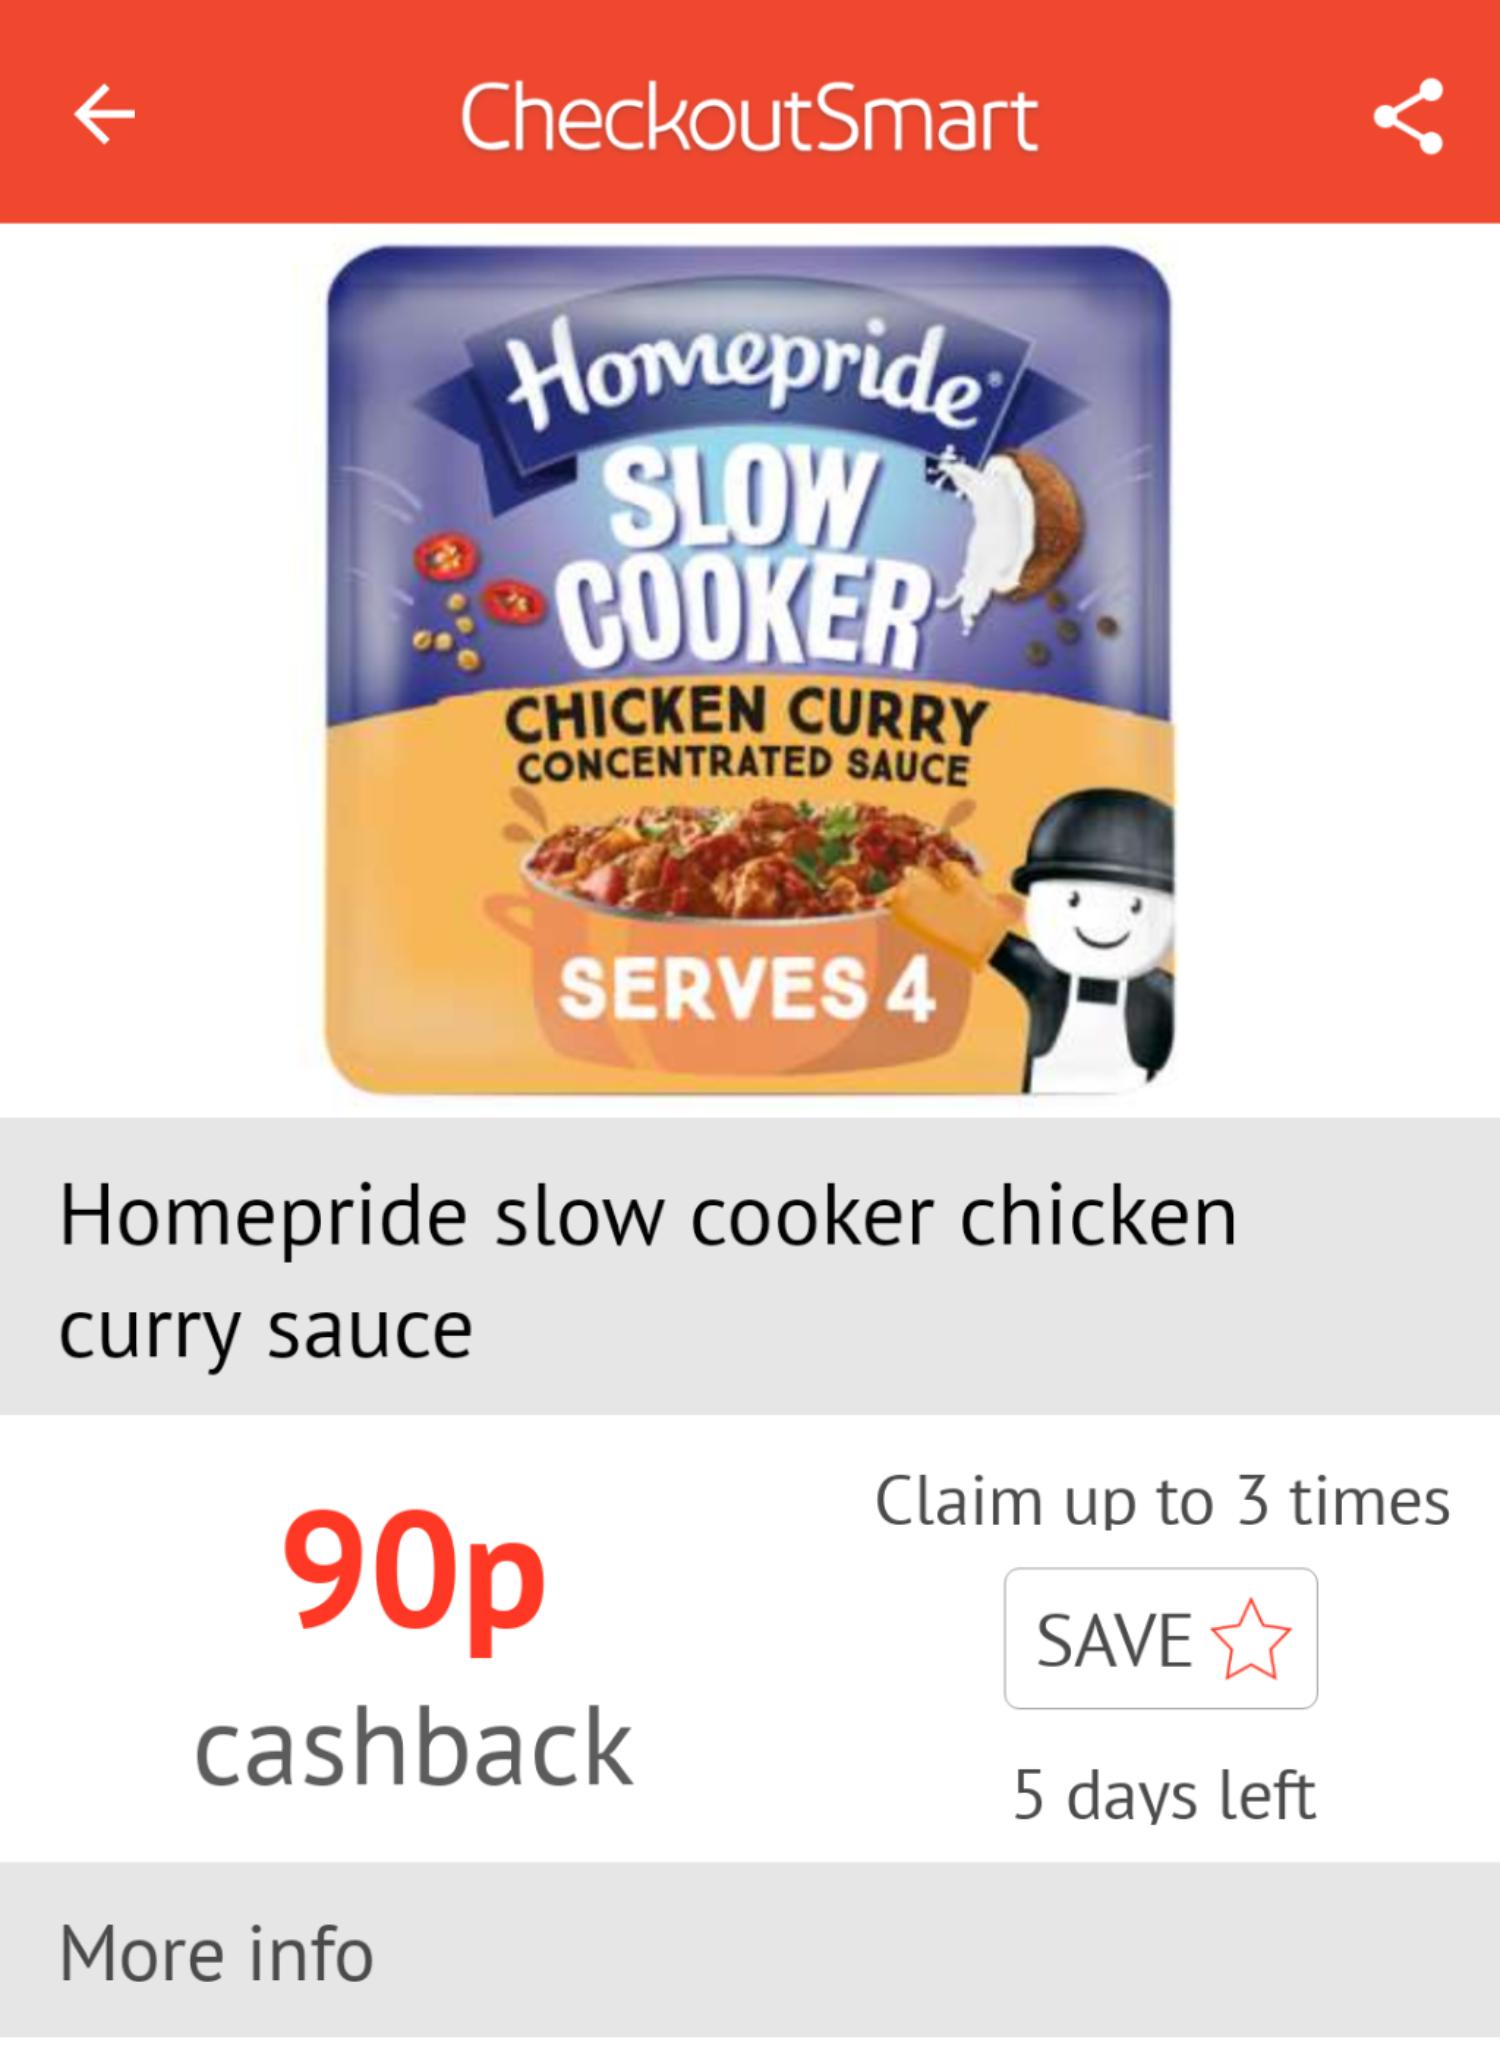 Checkoutsmart: Homepride Slow cooker sauces - £1 (10p each after cashback) via Morrisons